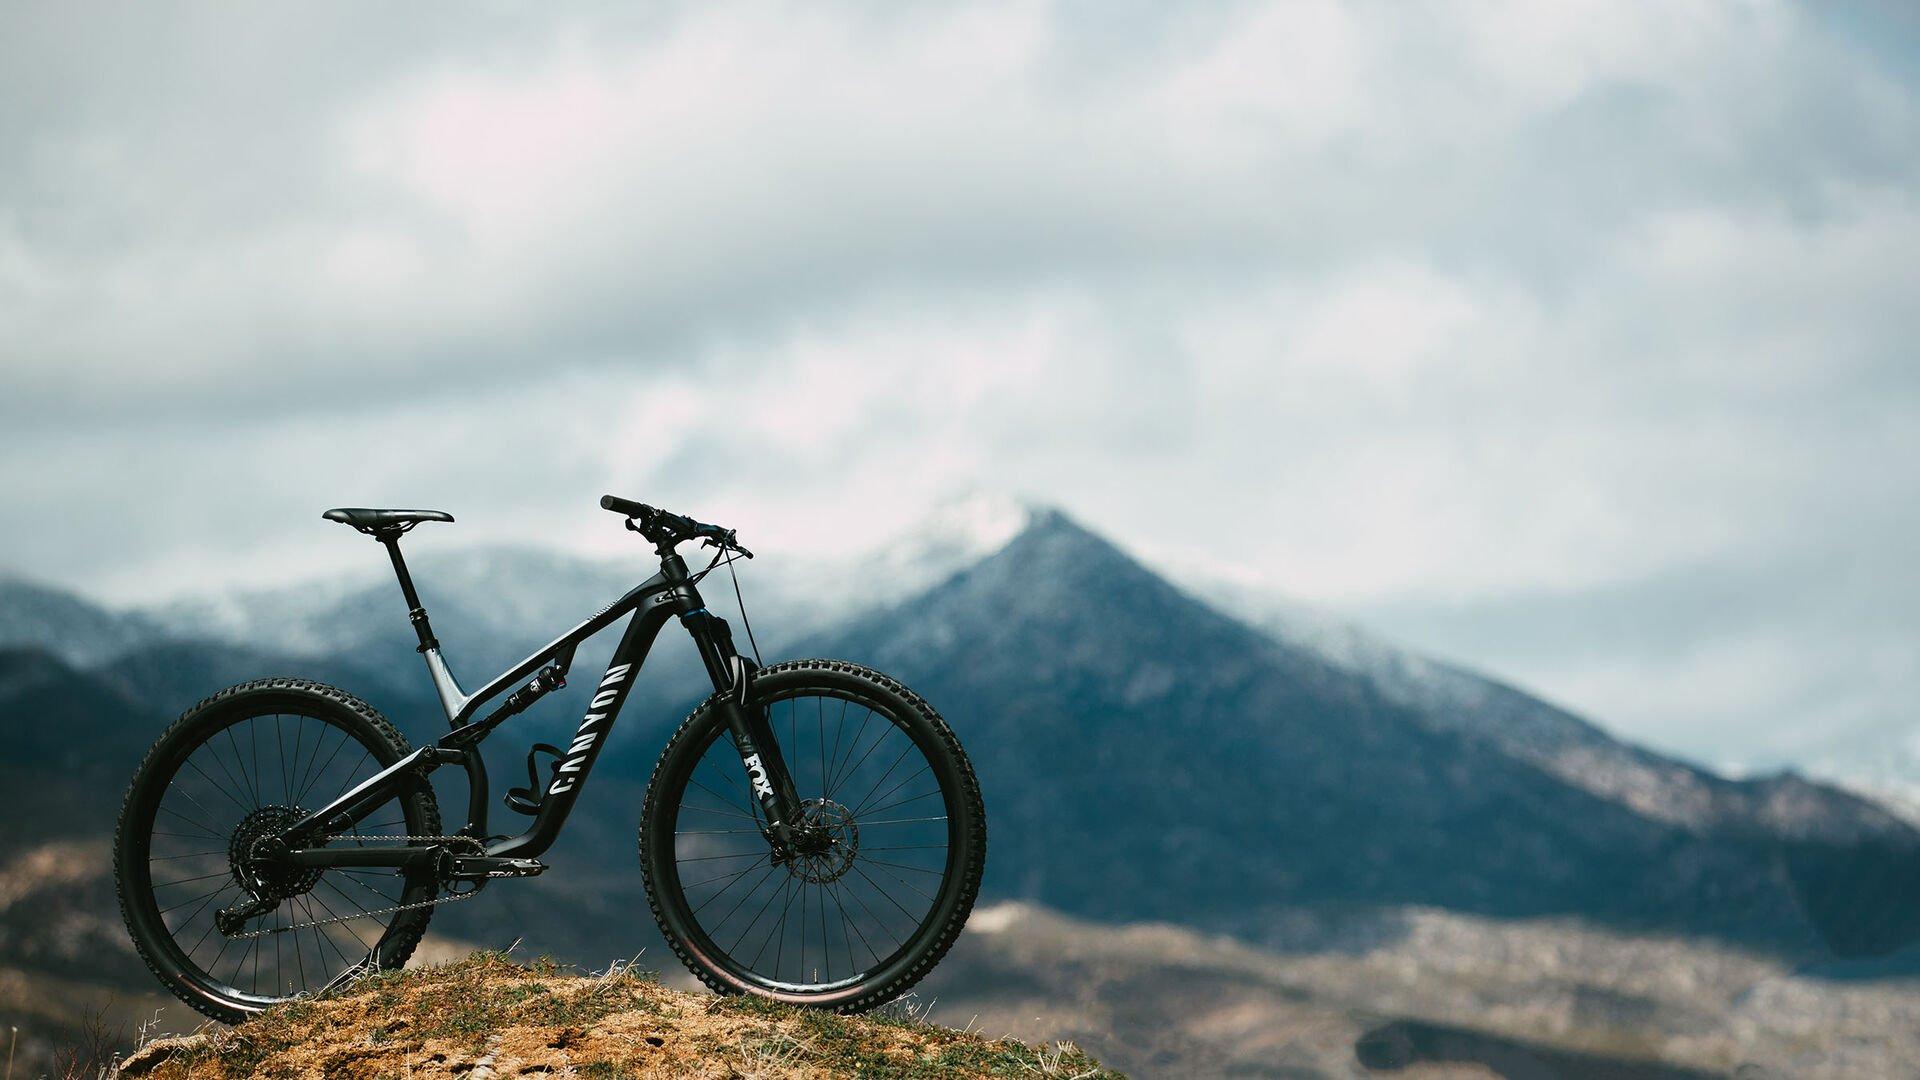 Bici Canyon en la montaña